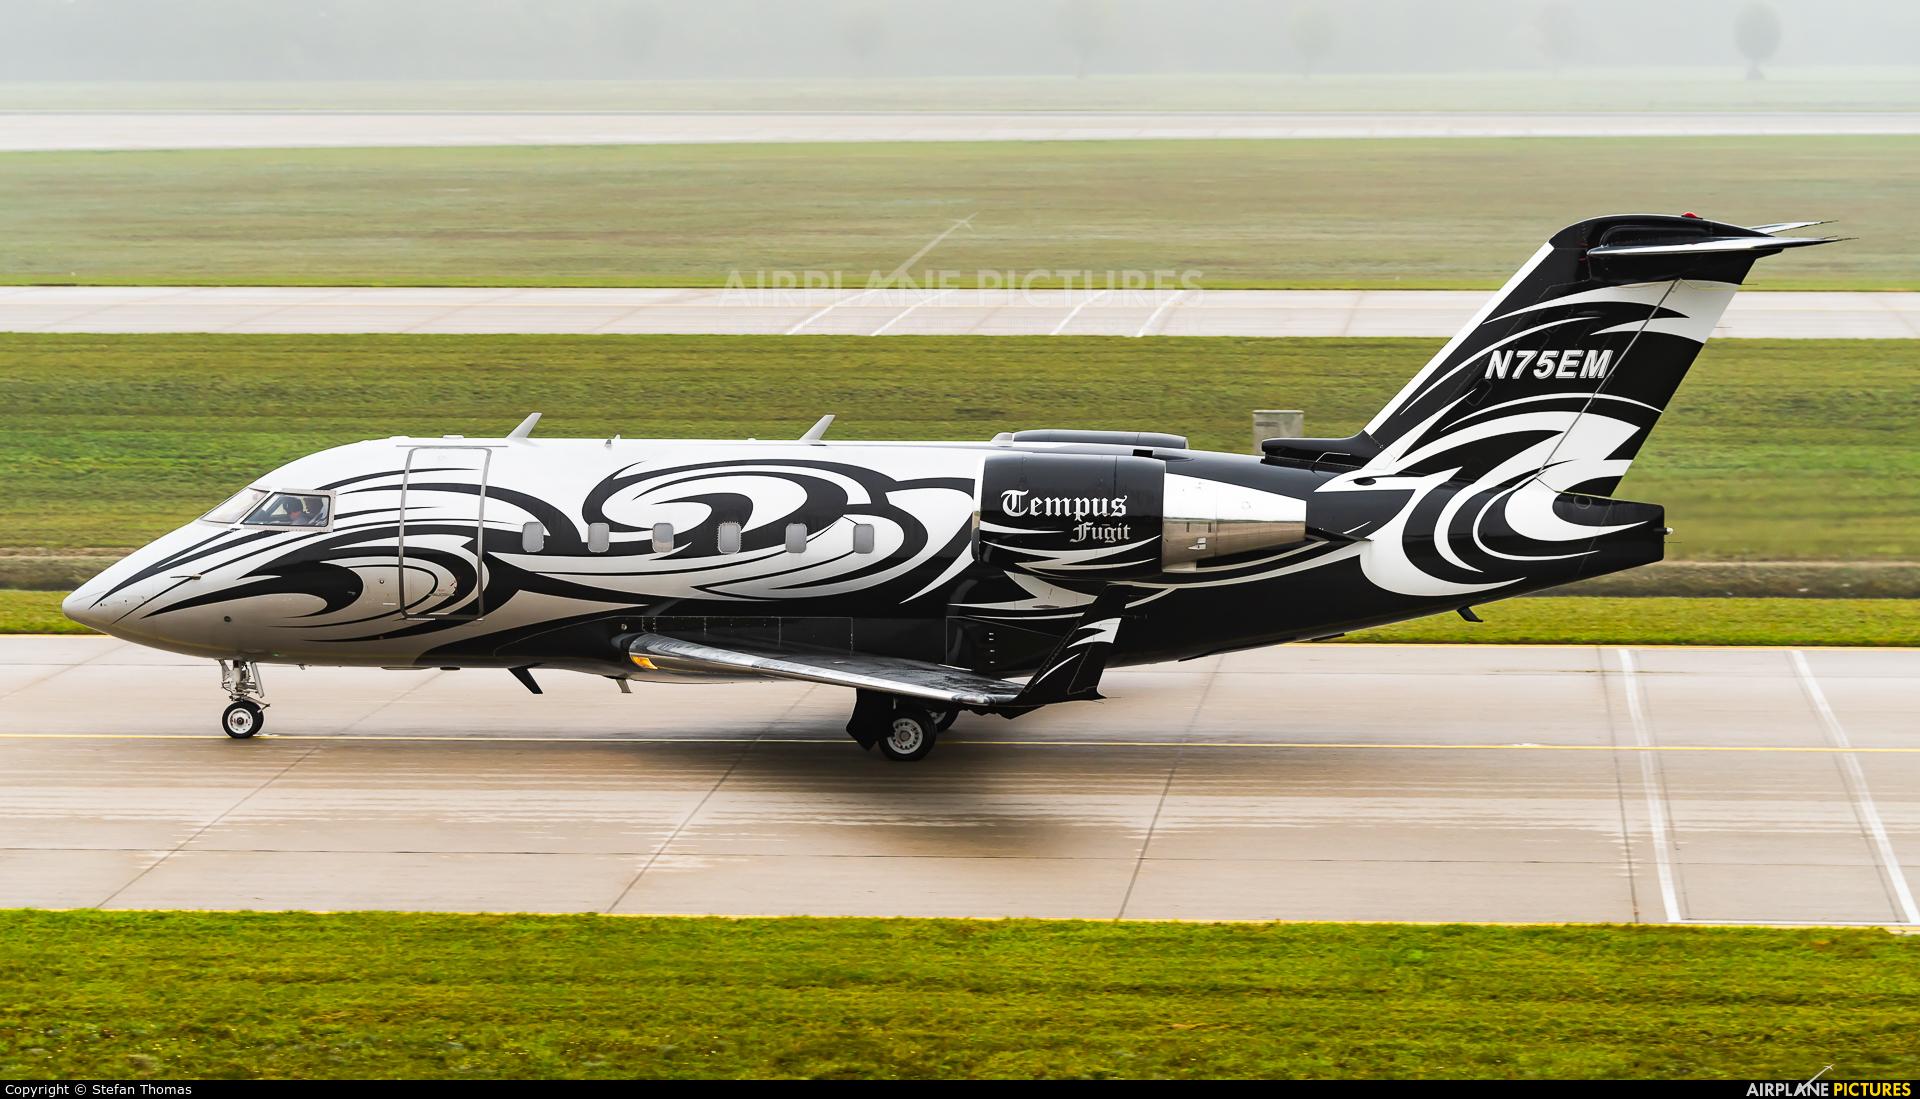 Private N75EM aircraft at Munich